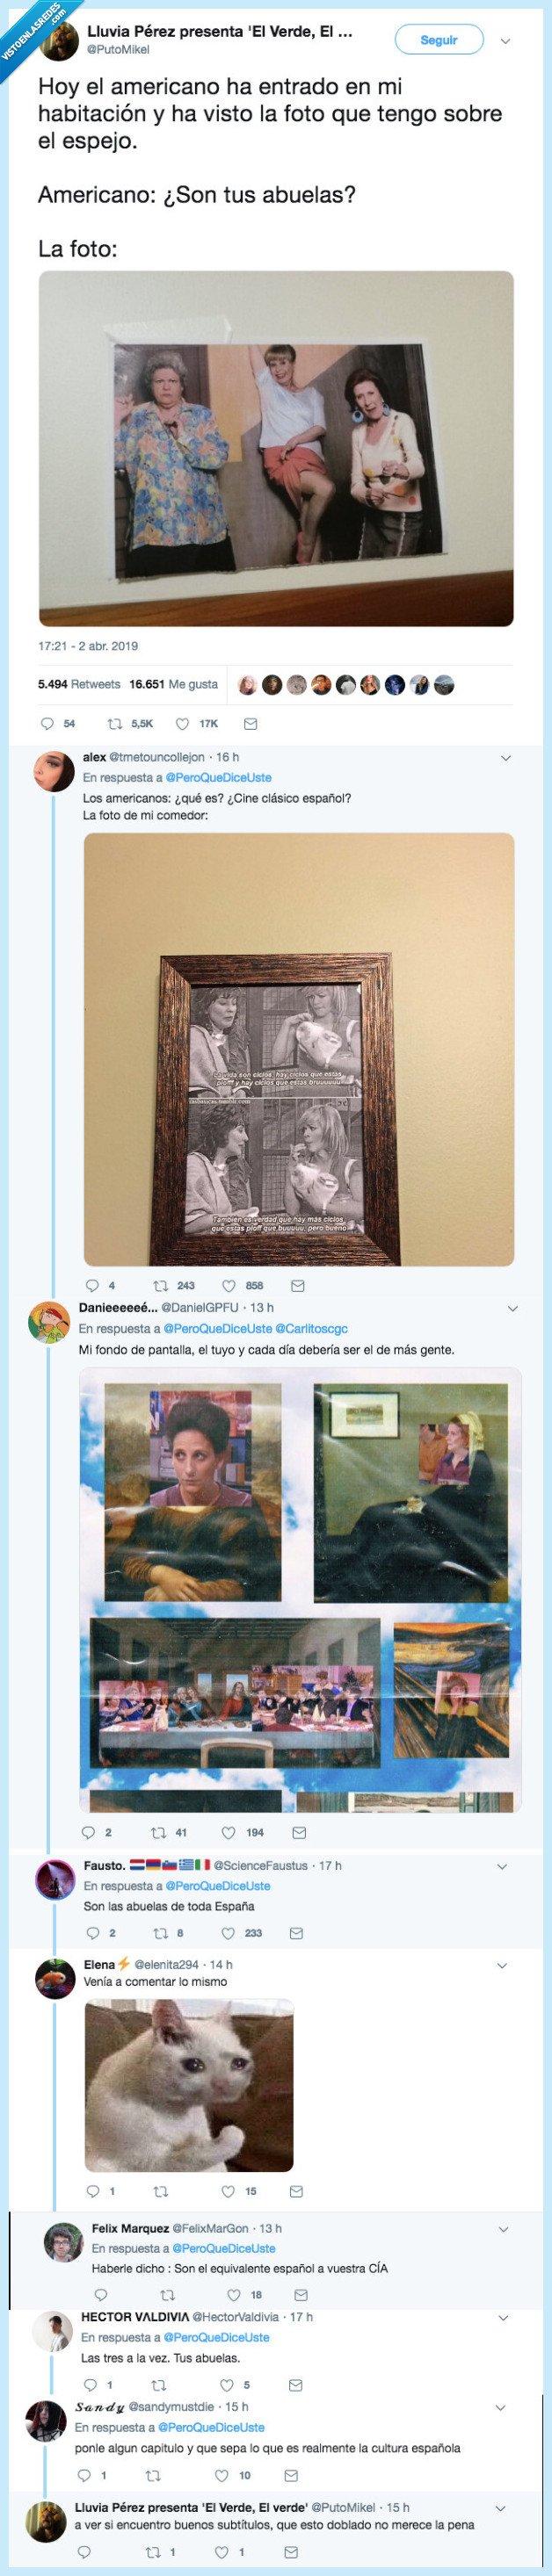 513793 - Son las abuelas de toda España, por @PutoMikel